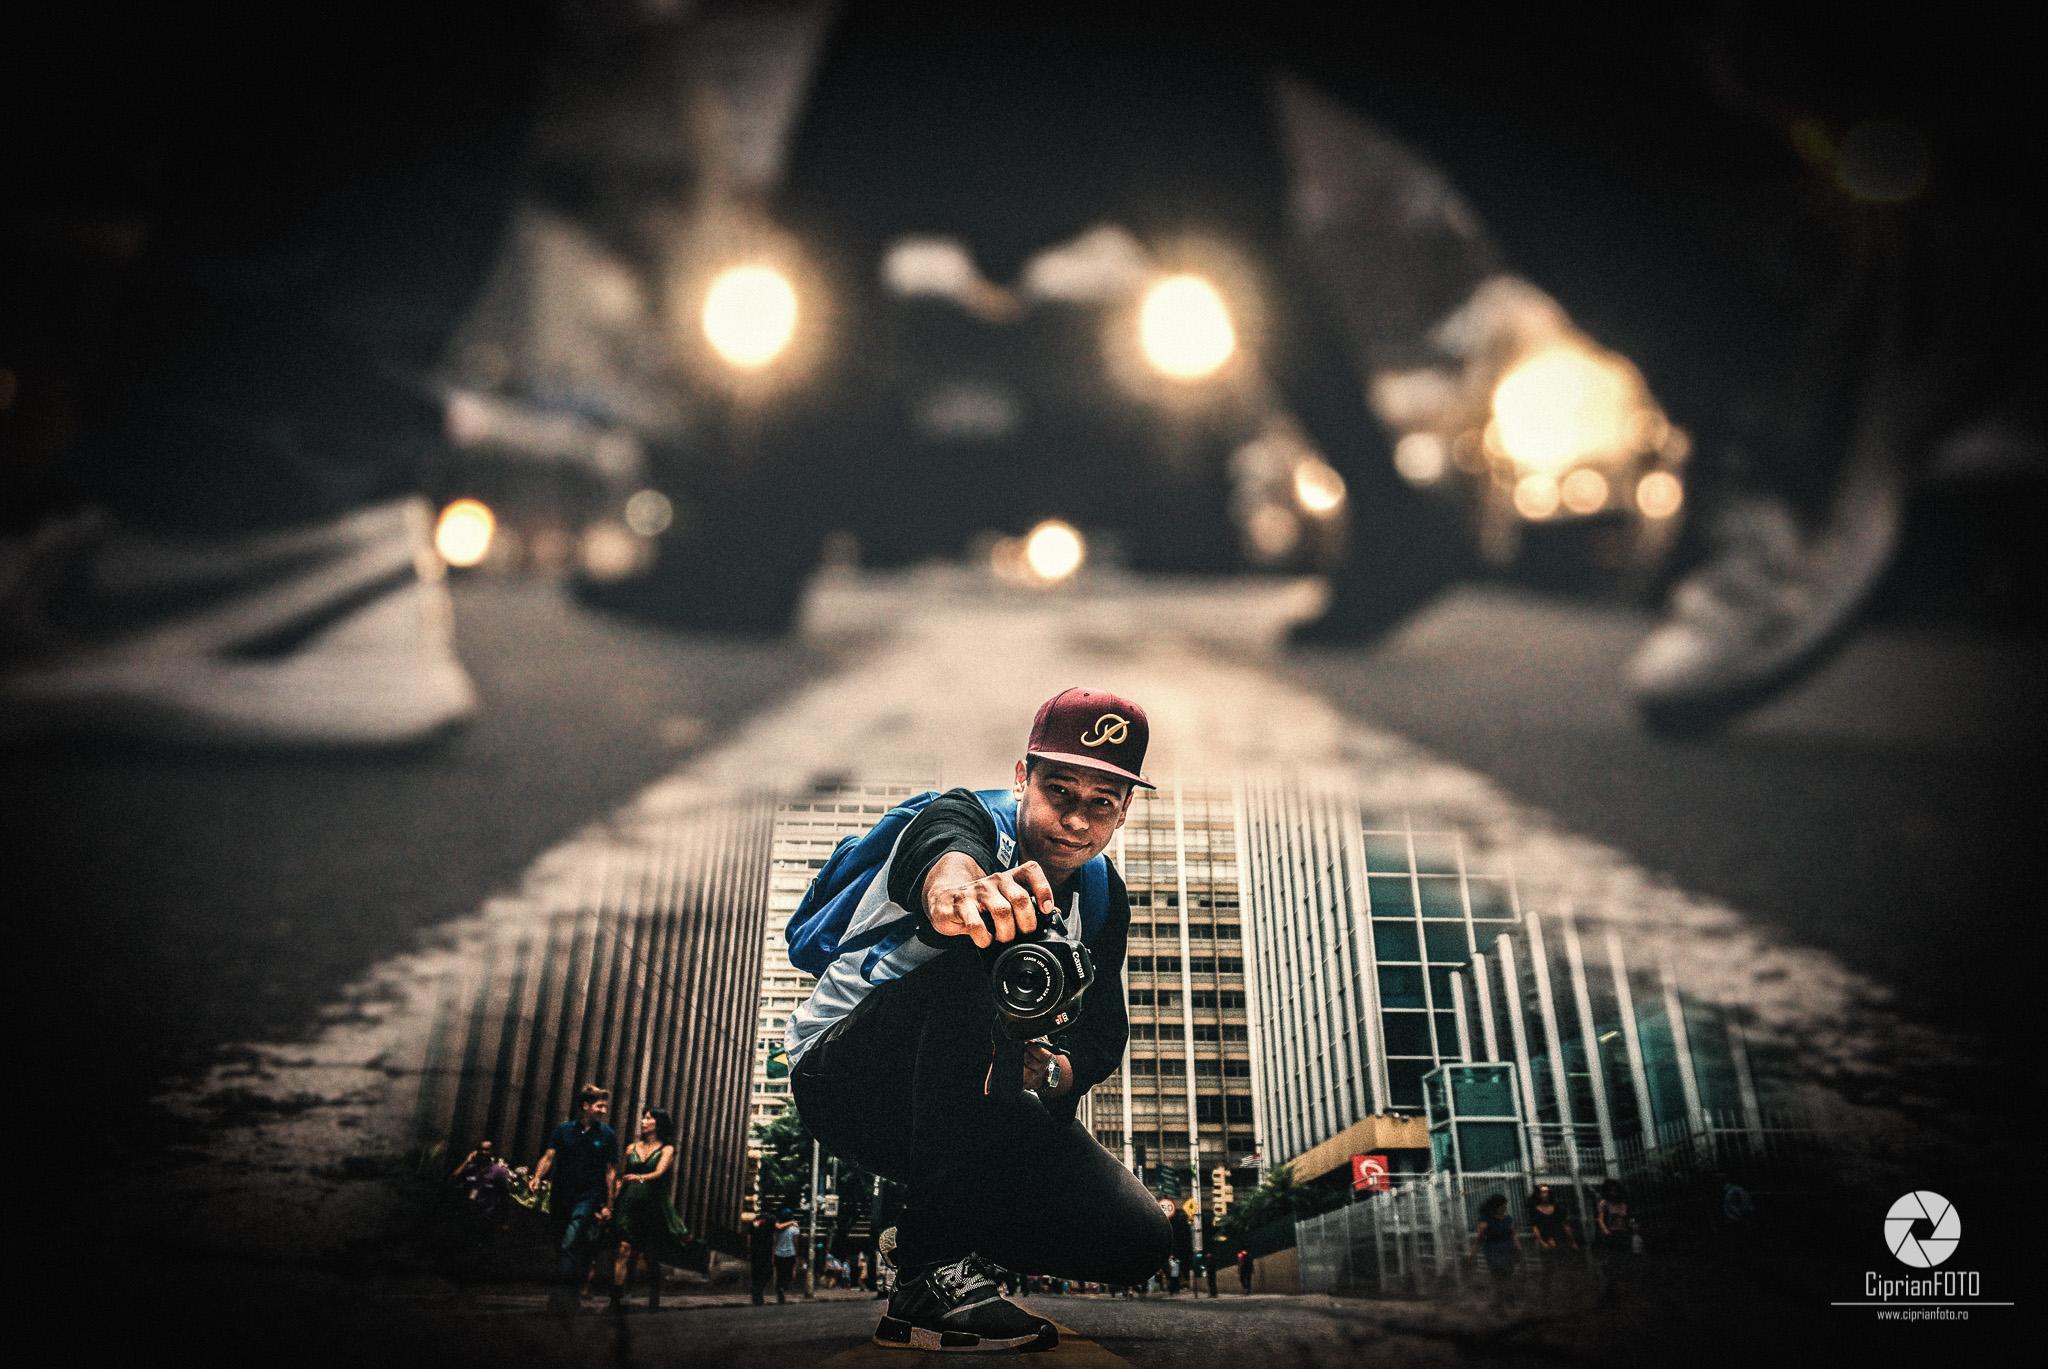 Urban Photo Manipulation Tutorial, Photoshop CC 2019, CiprianFOTO